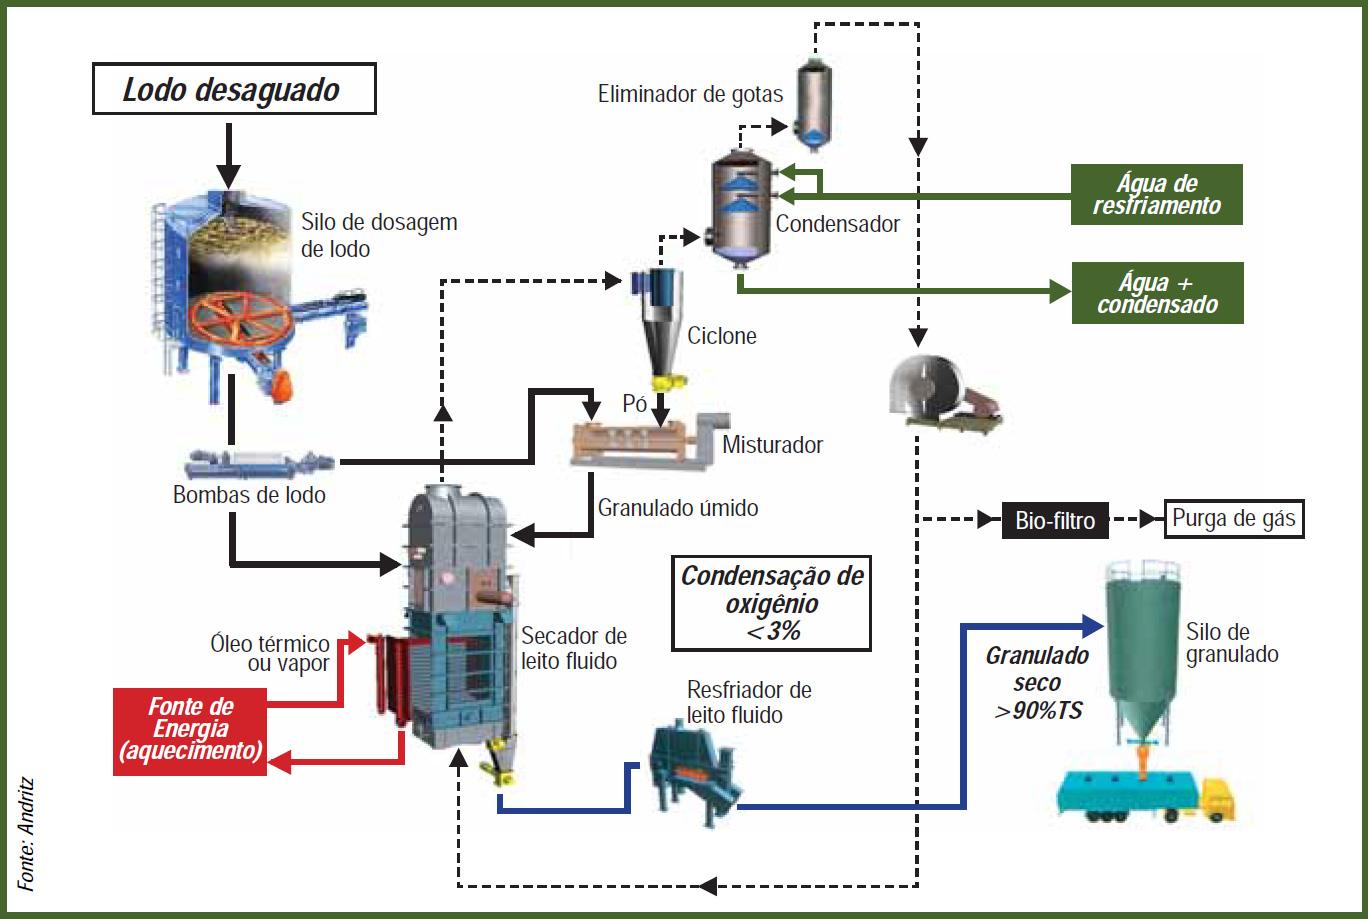 Química e Derivados, Diagrama de Processo - Secagem em leito fluido, Saneamento